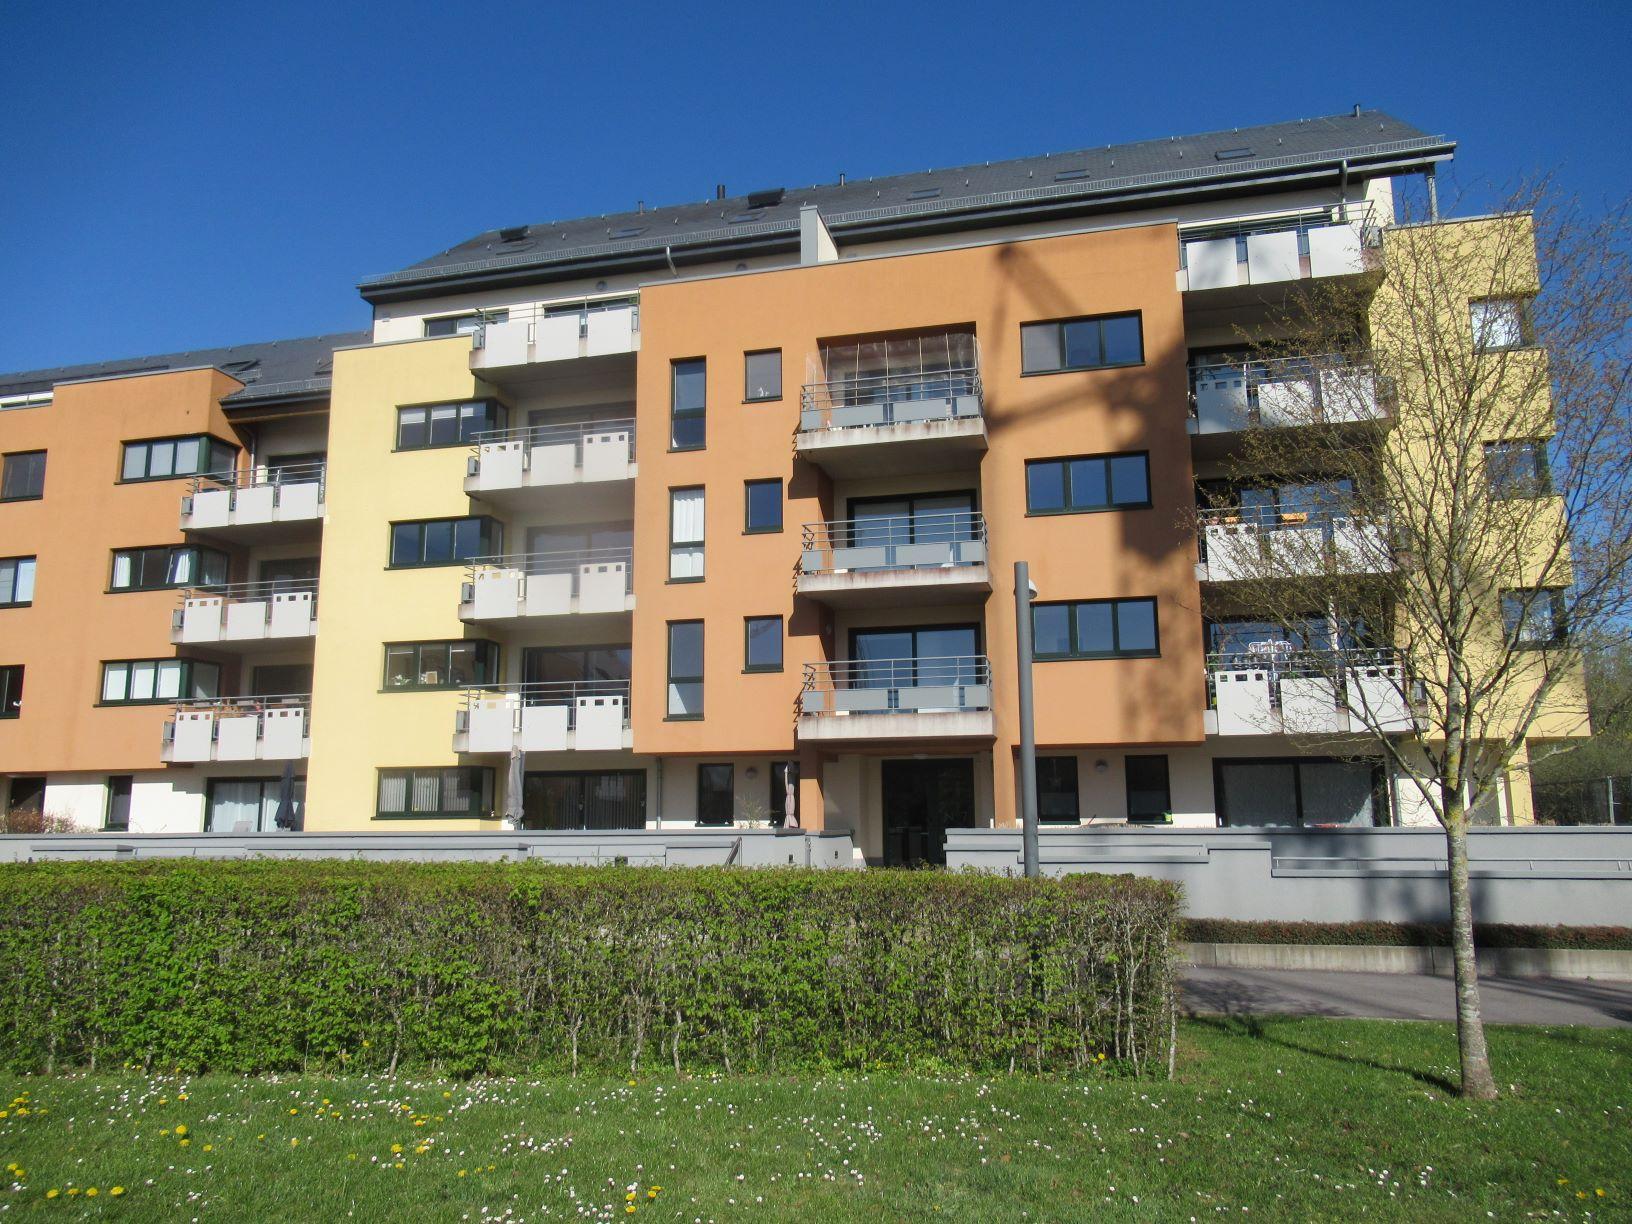 ARLON-Appartement 2 chambres au calme avec garage à proximité du centre ville